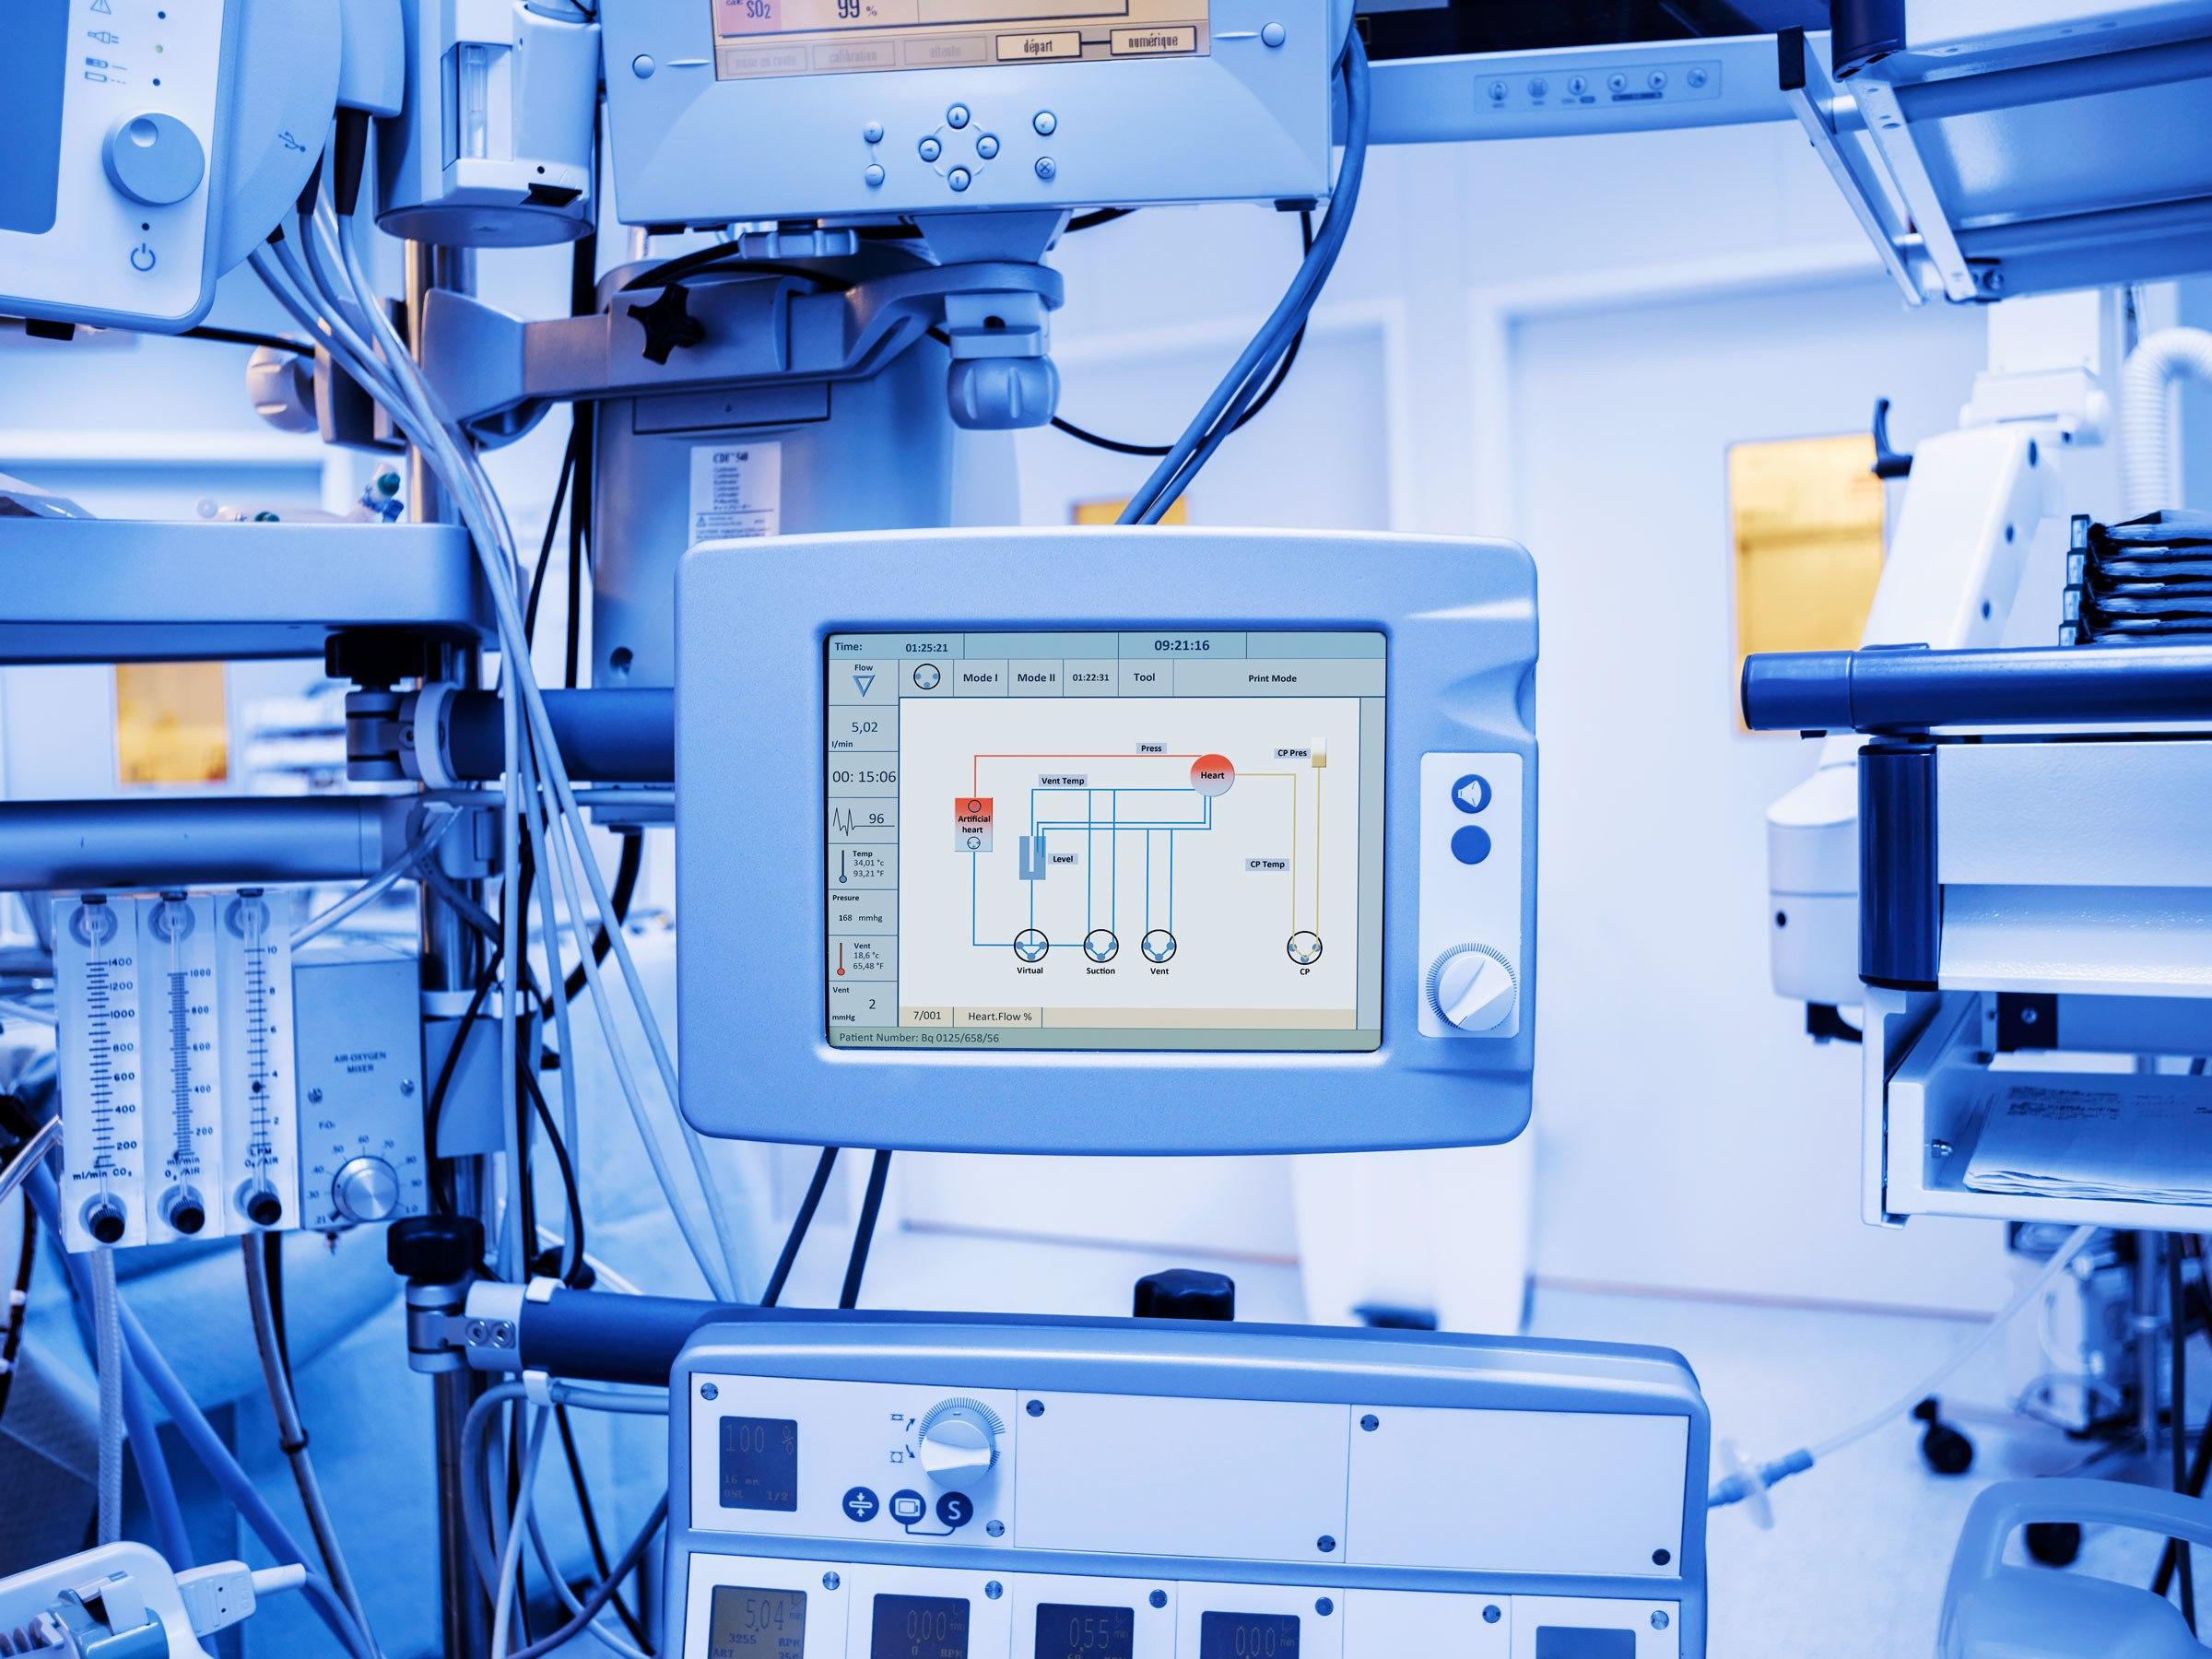 Что делает производитель медицинского оборудования?